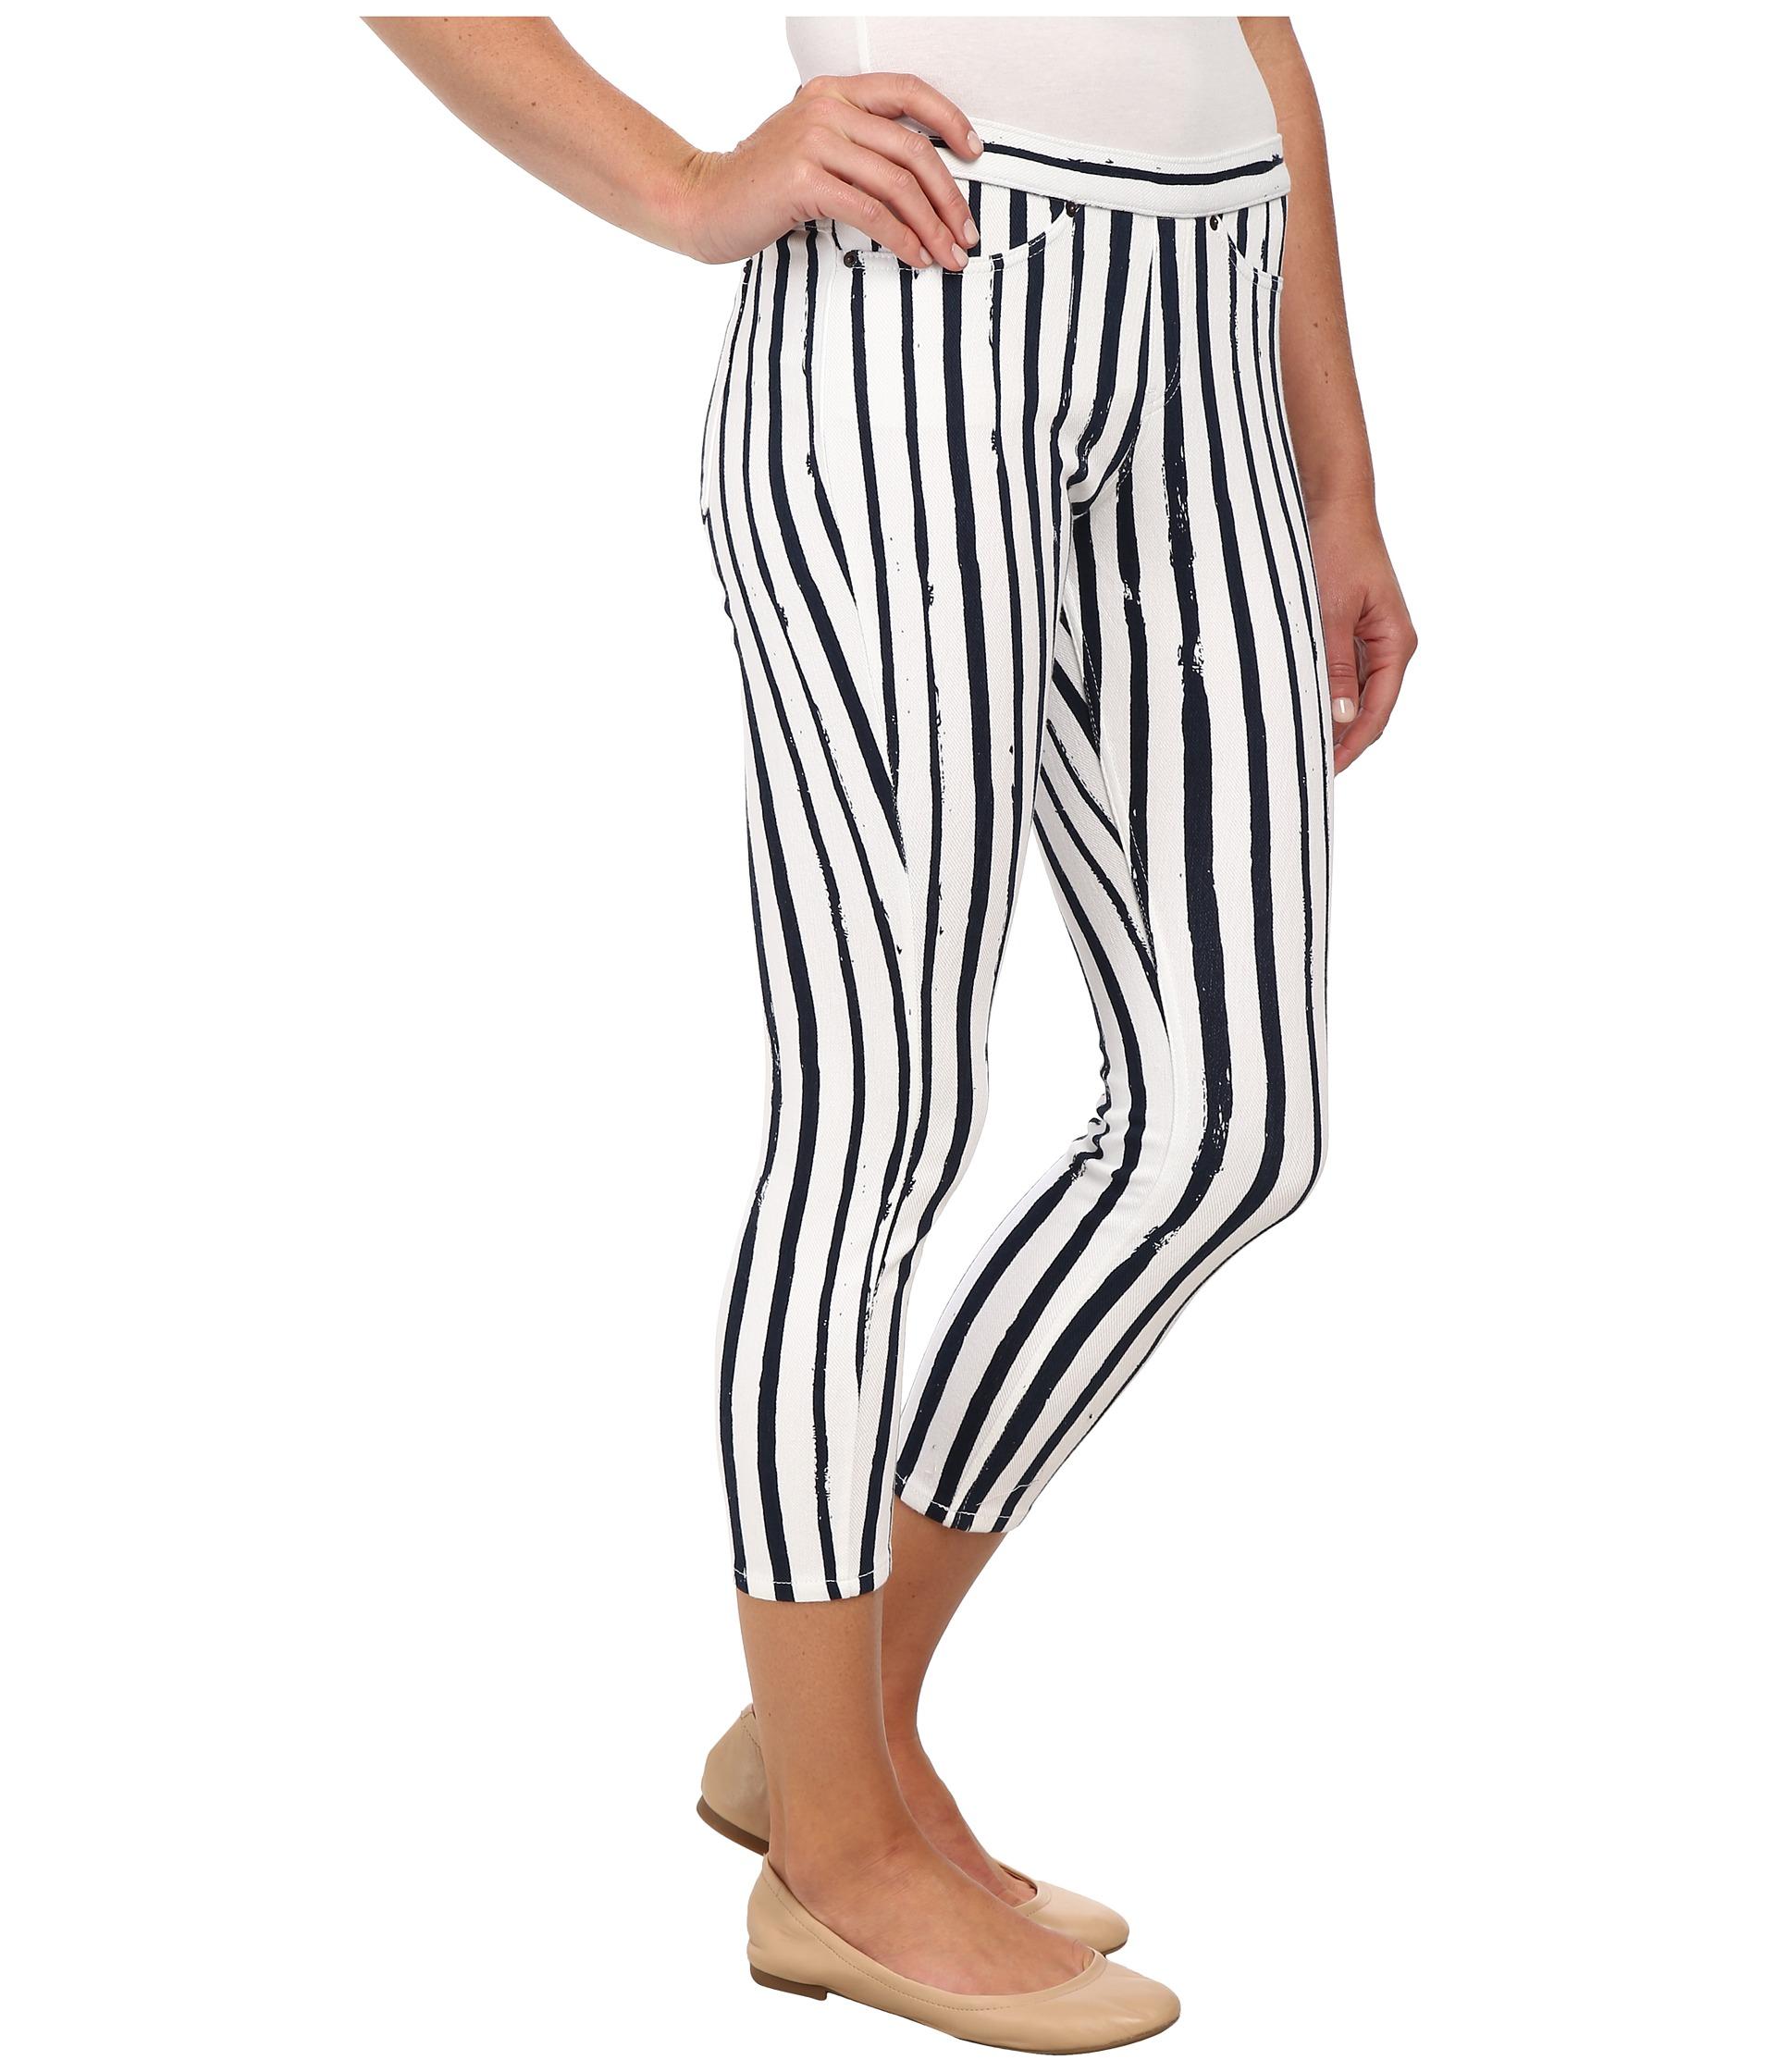 13a62248250d4 Hue Stripe Printed Original Jeans Capri in White - Lyst